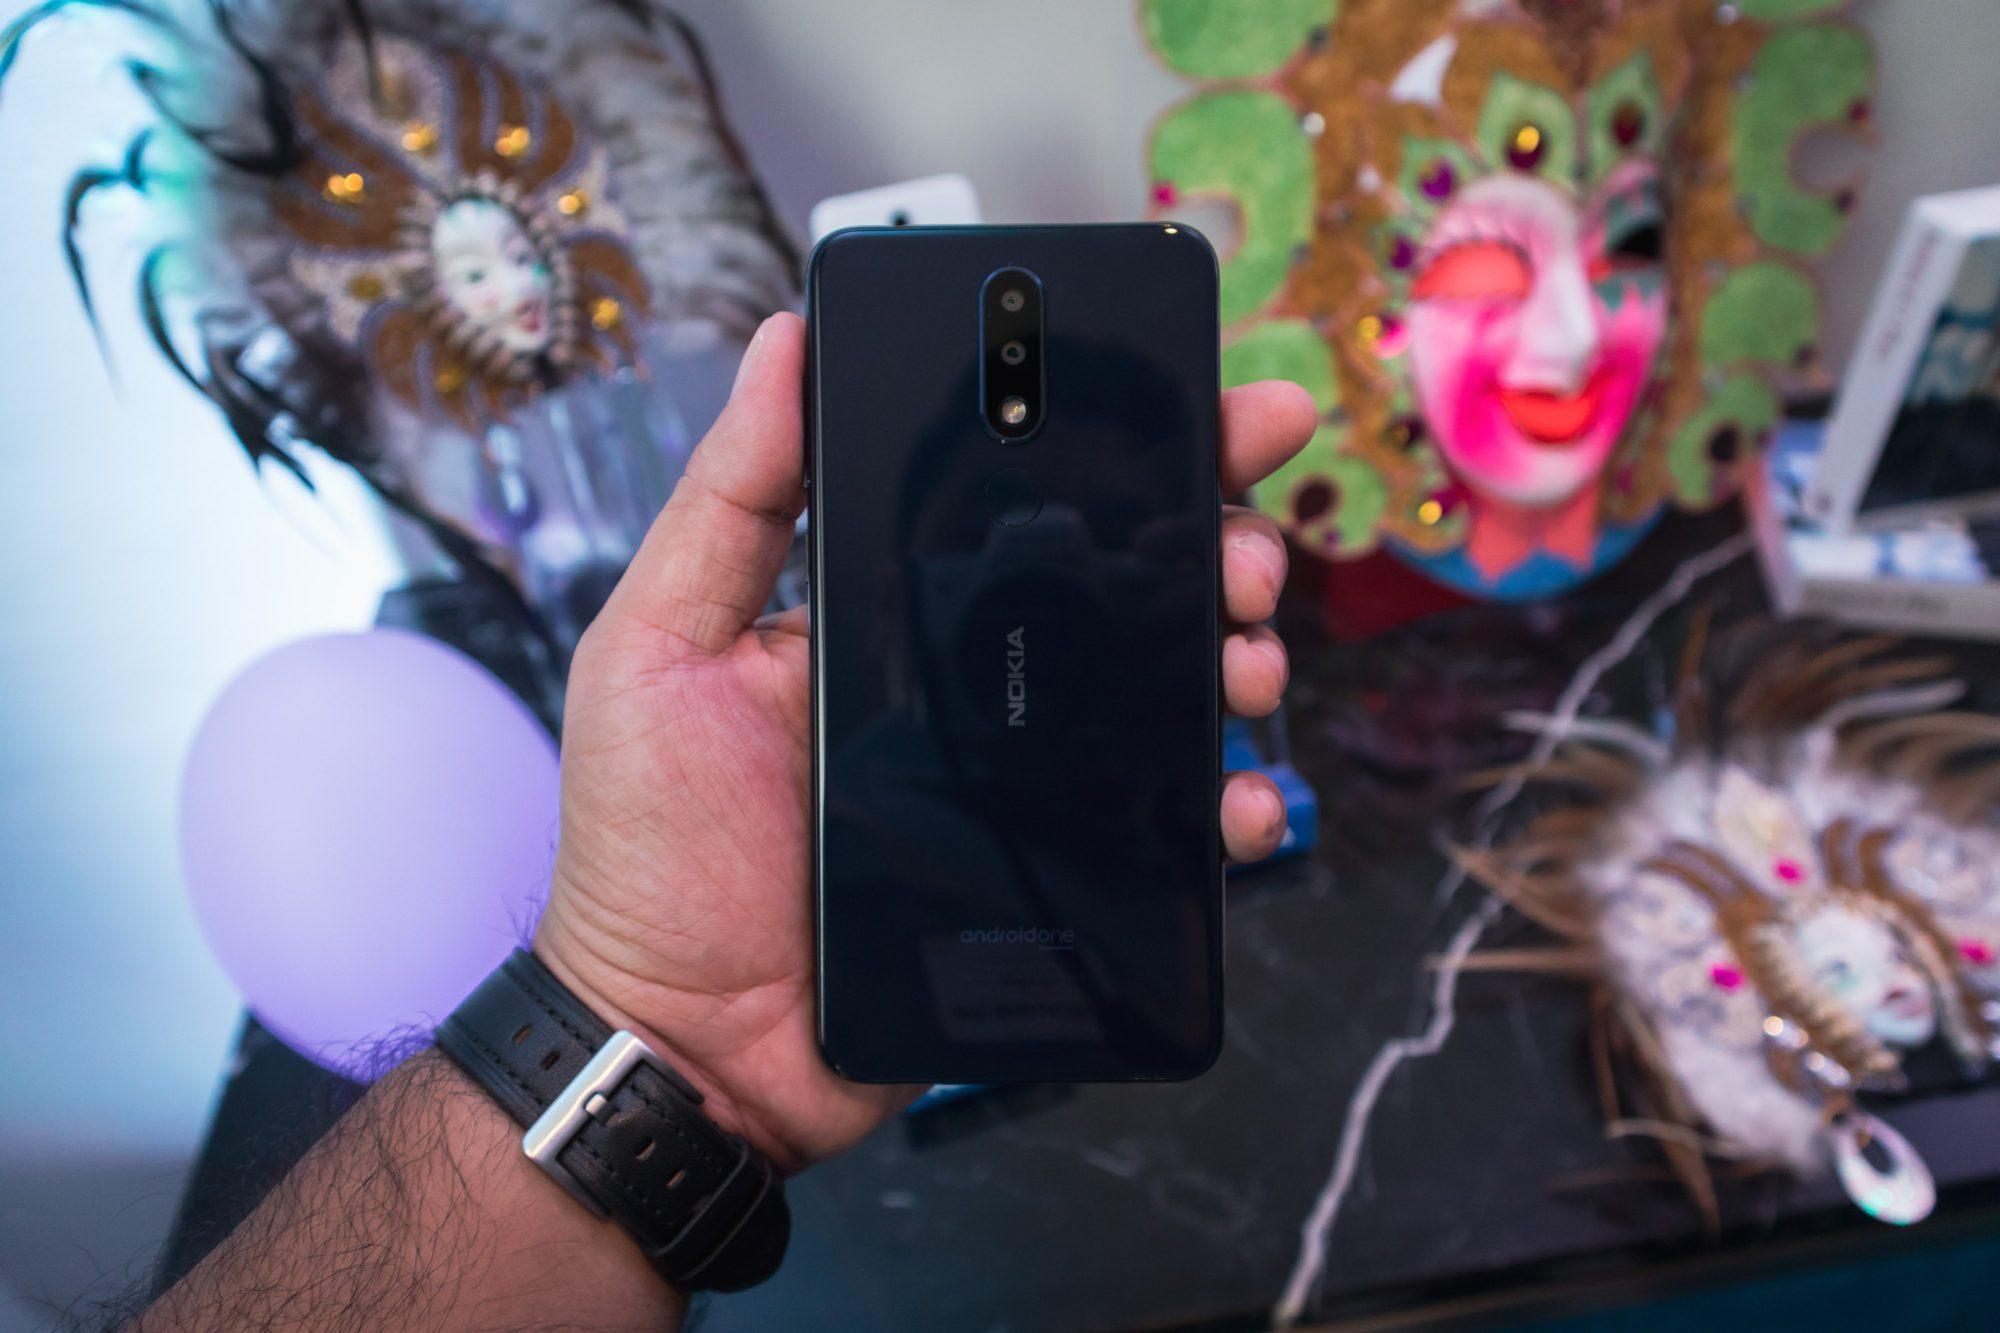 Nokia 5.1 Plus back